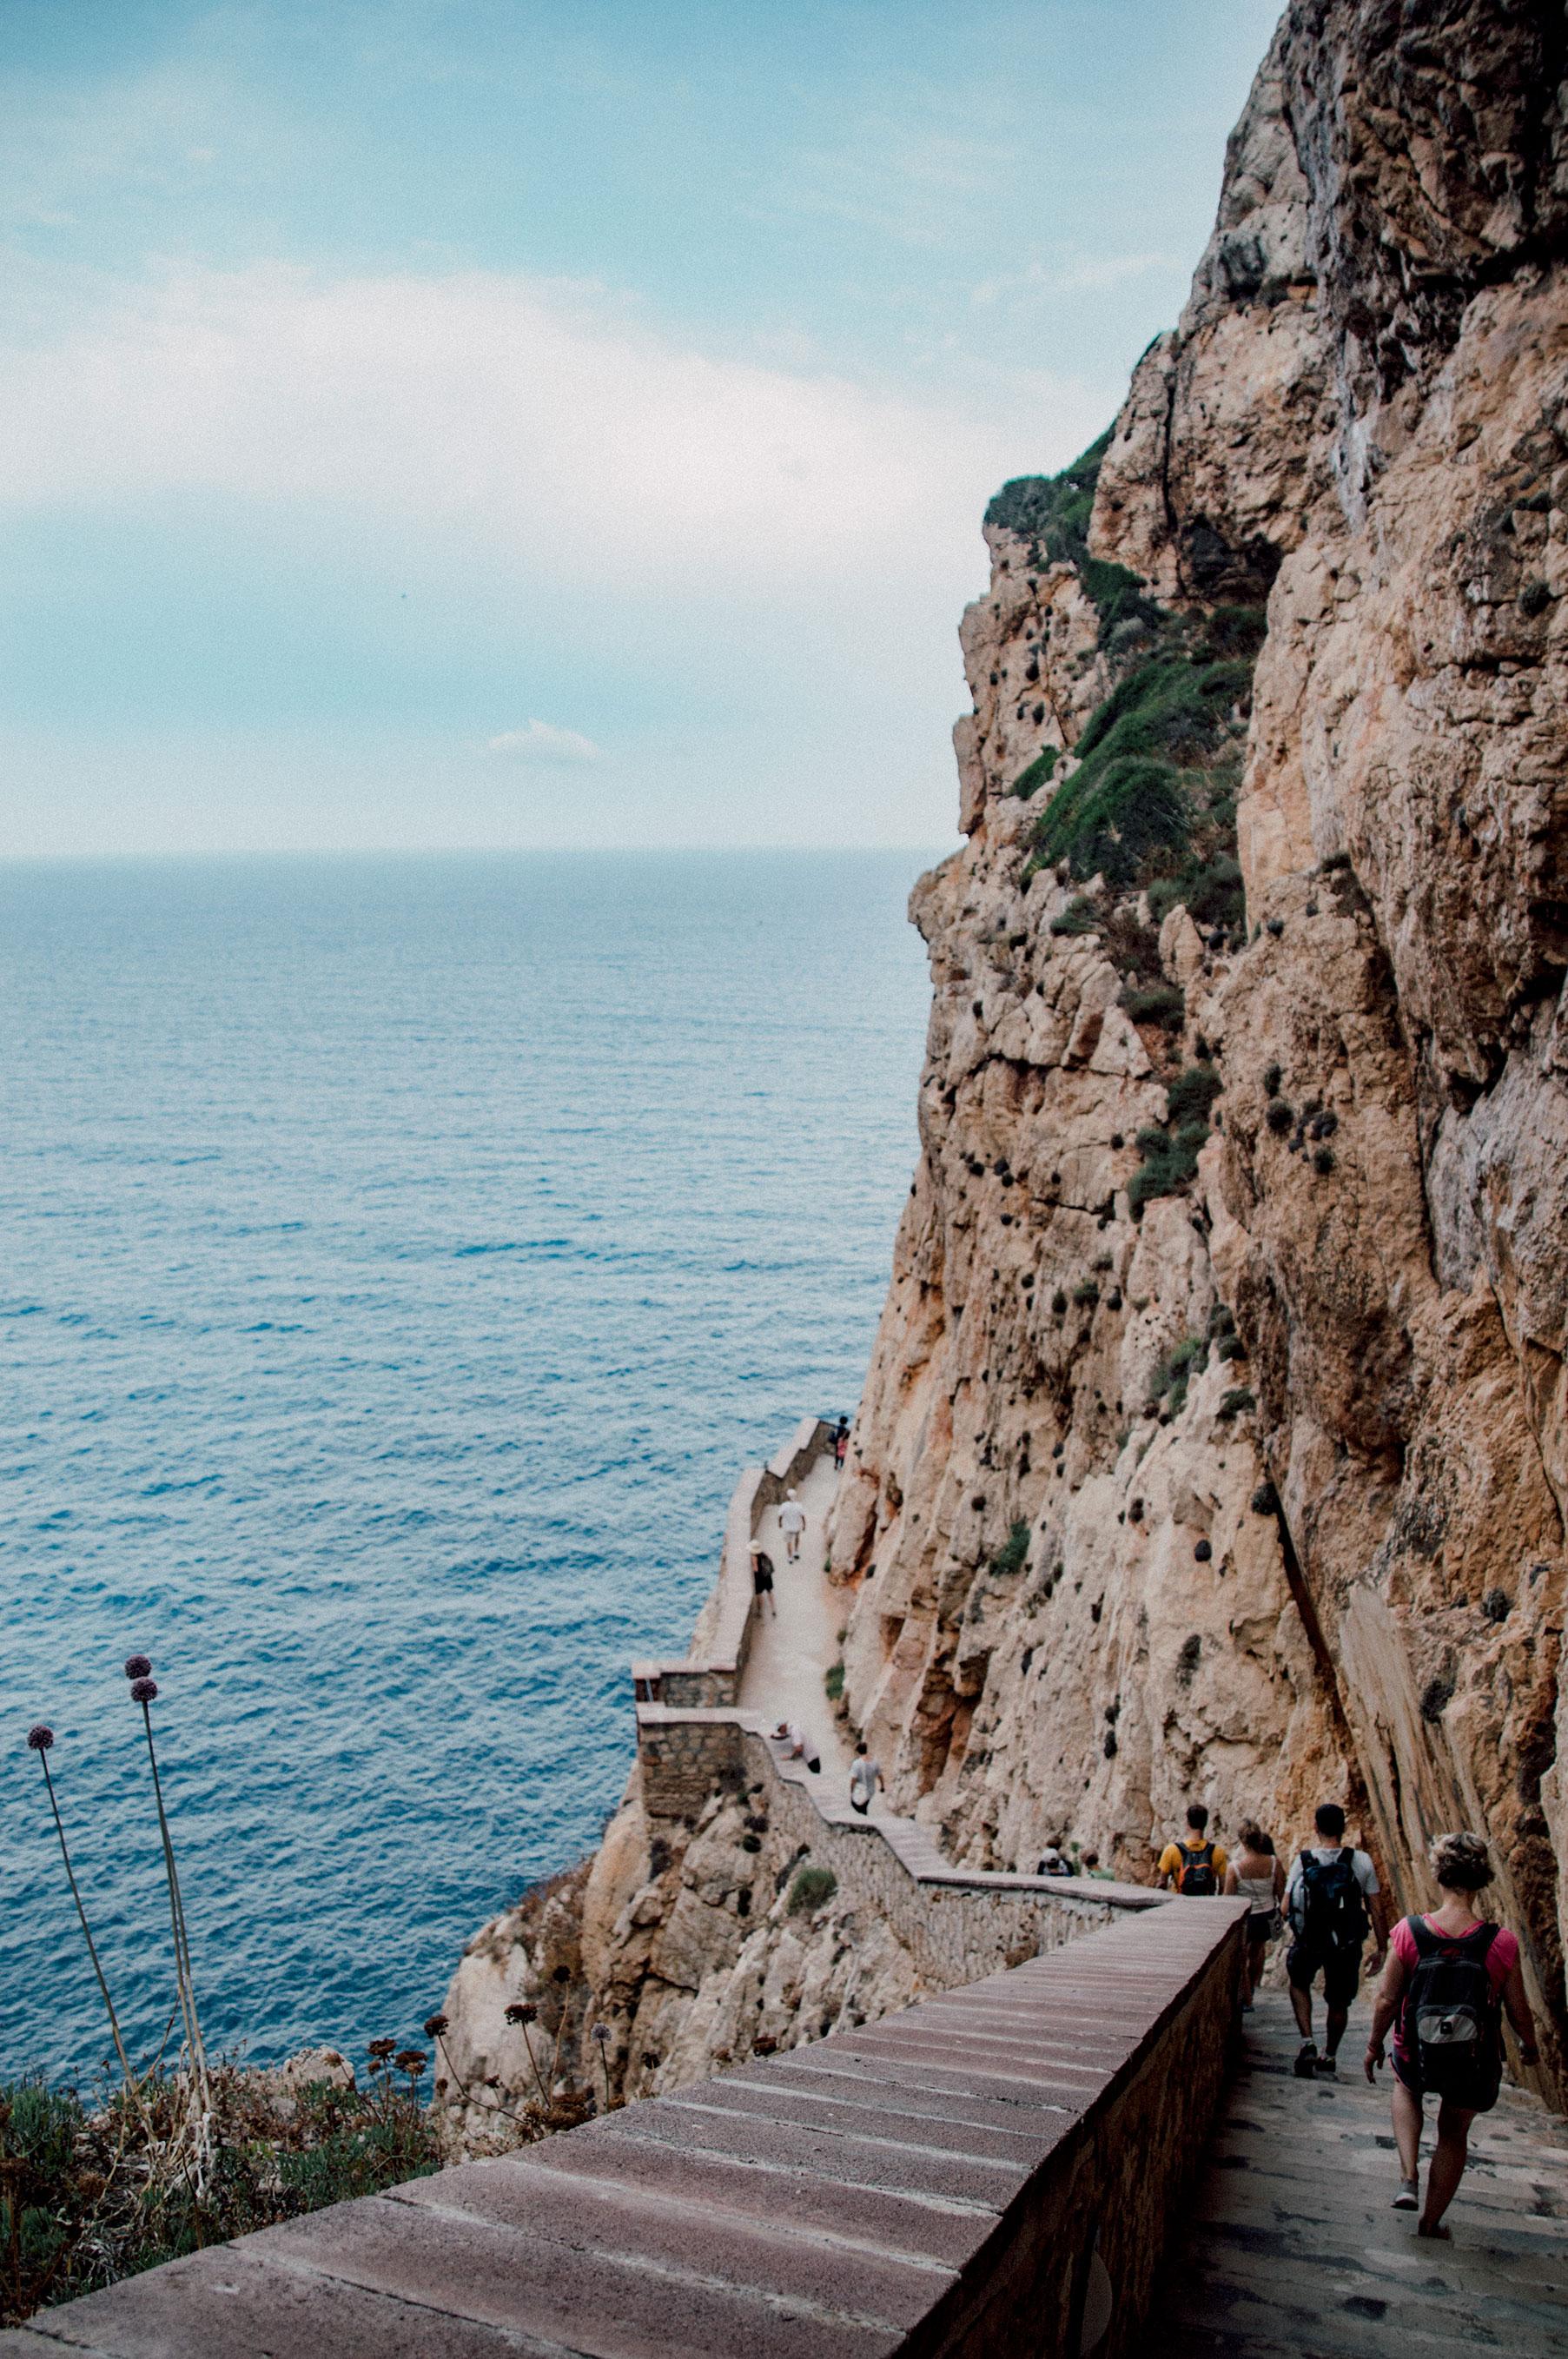 visiter grotte neptune